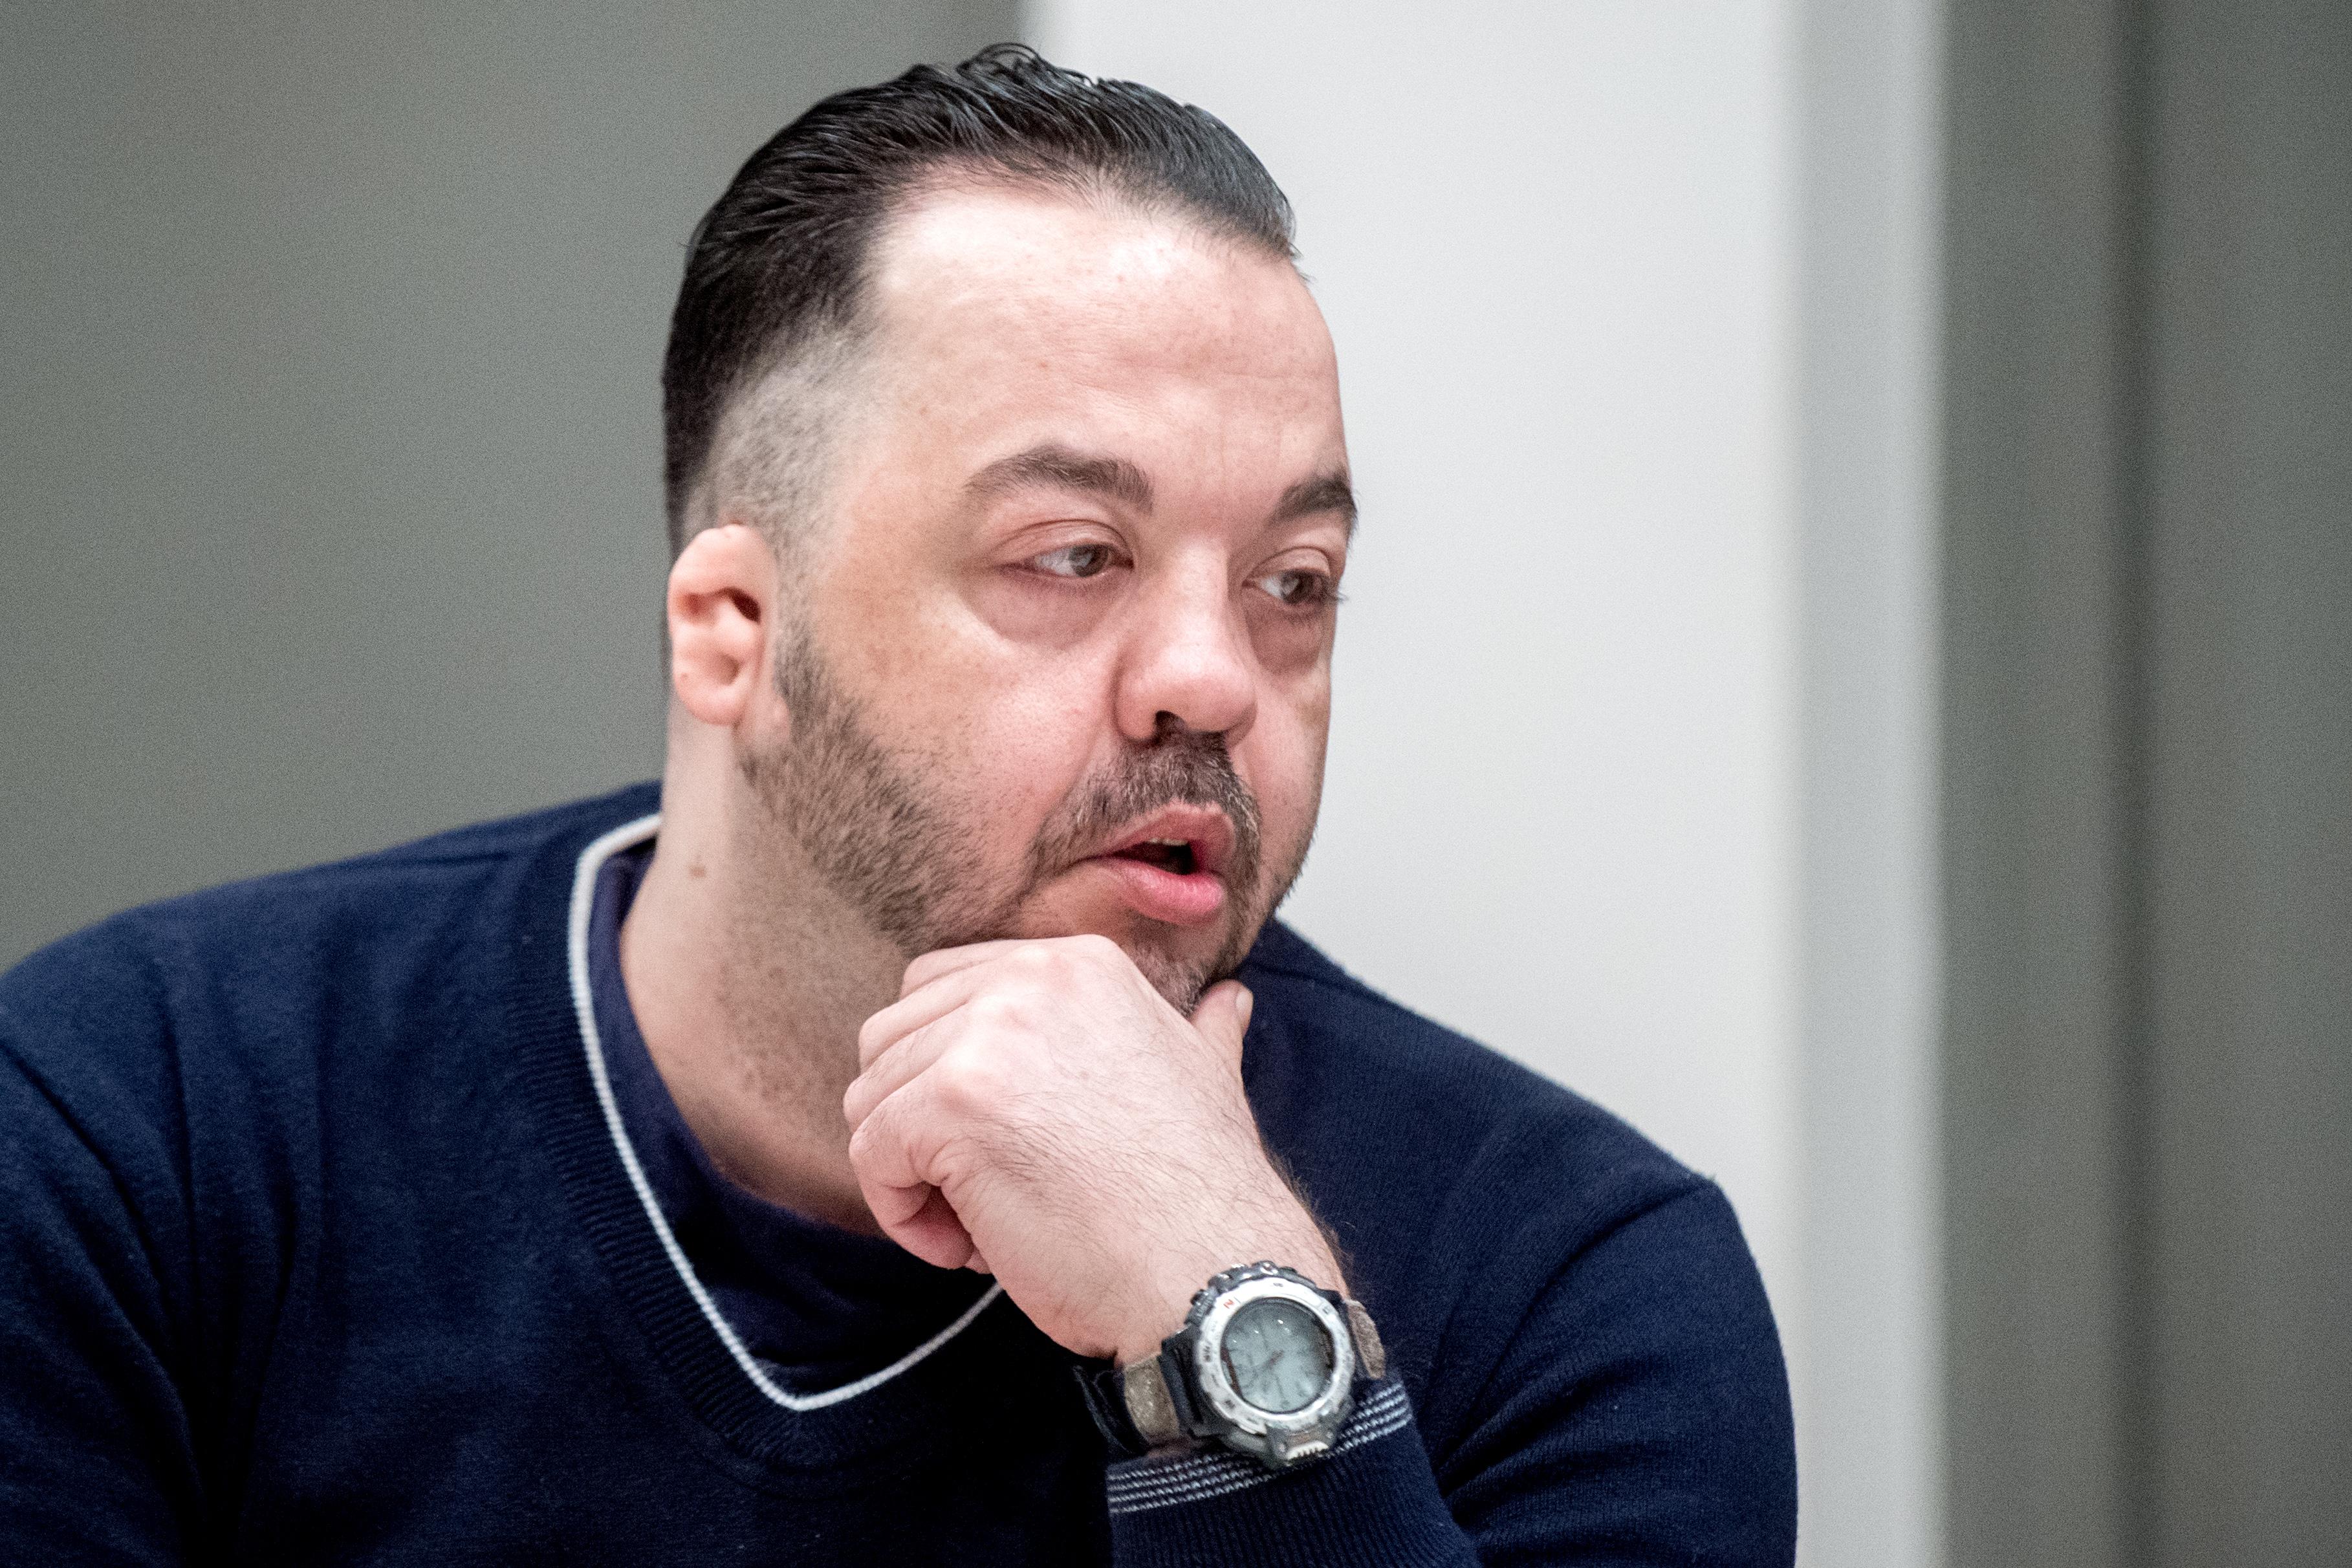 Életfogytiglani börtönre ítélték a gyilkos német ápolót